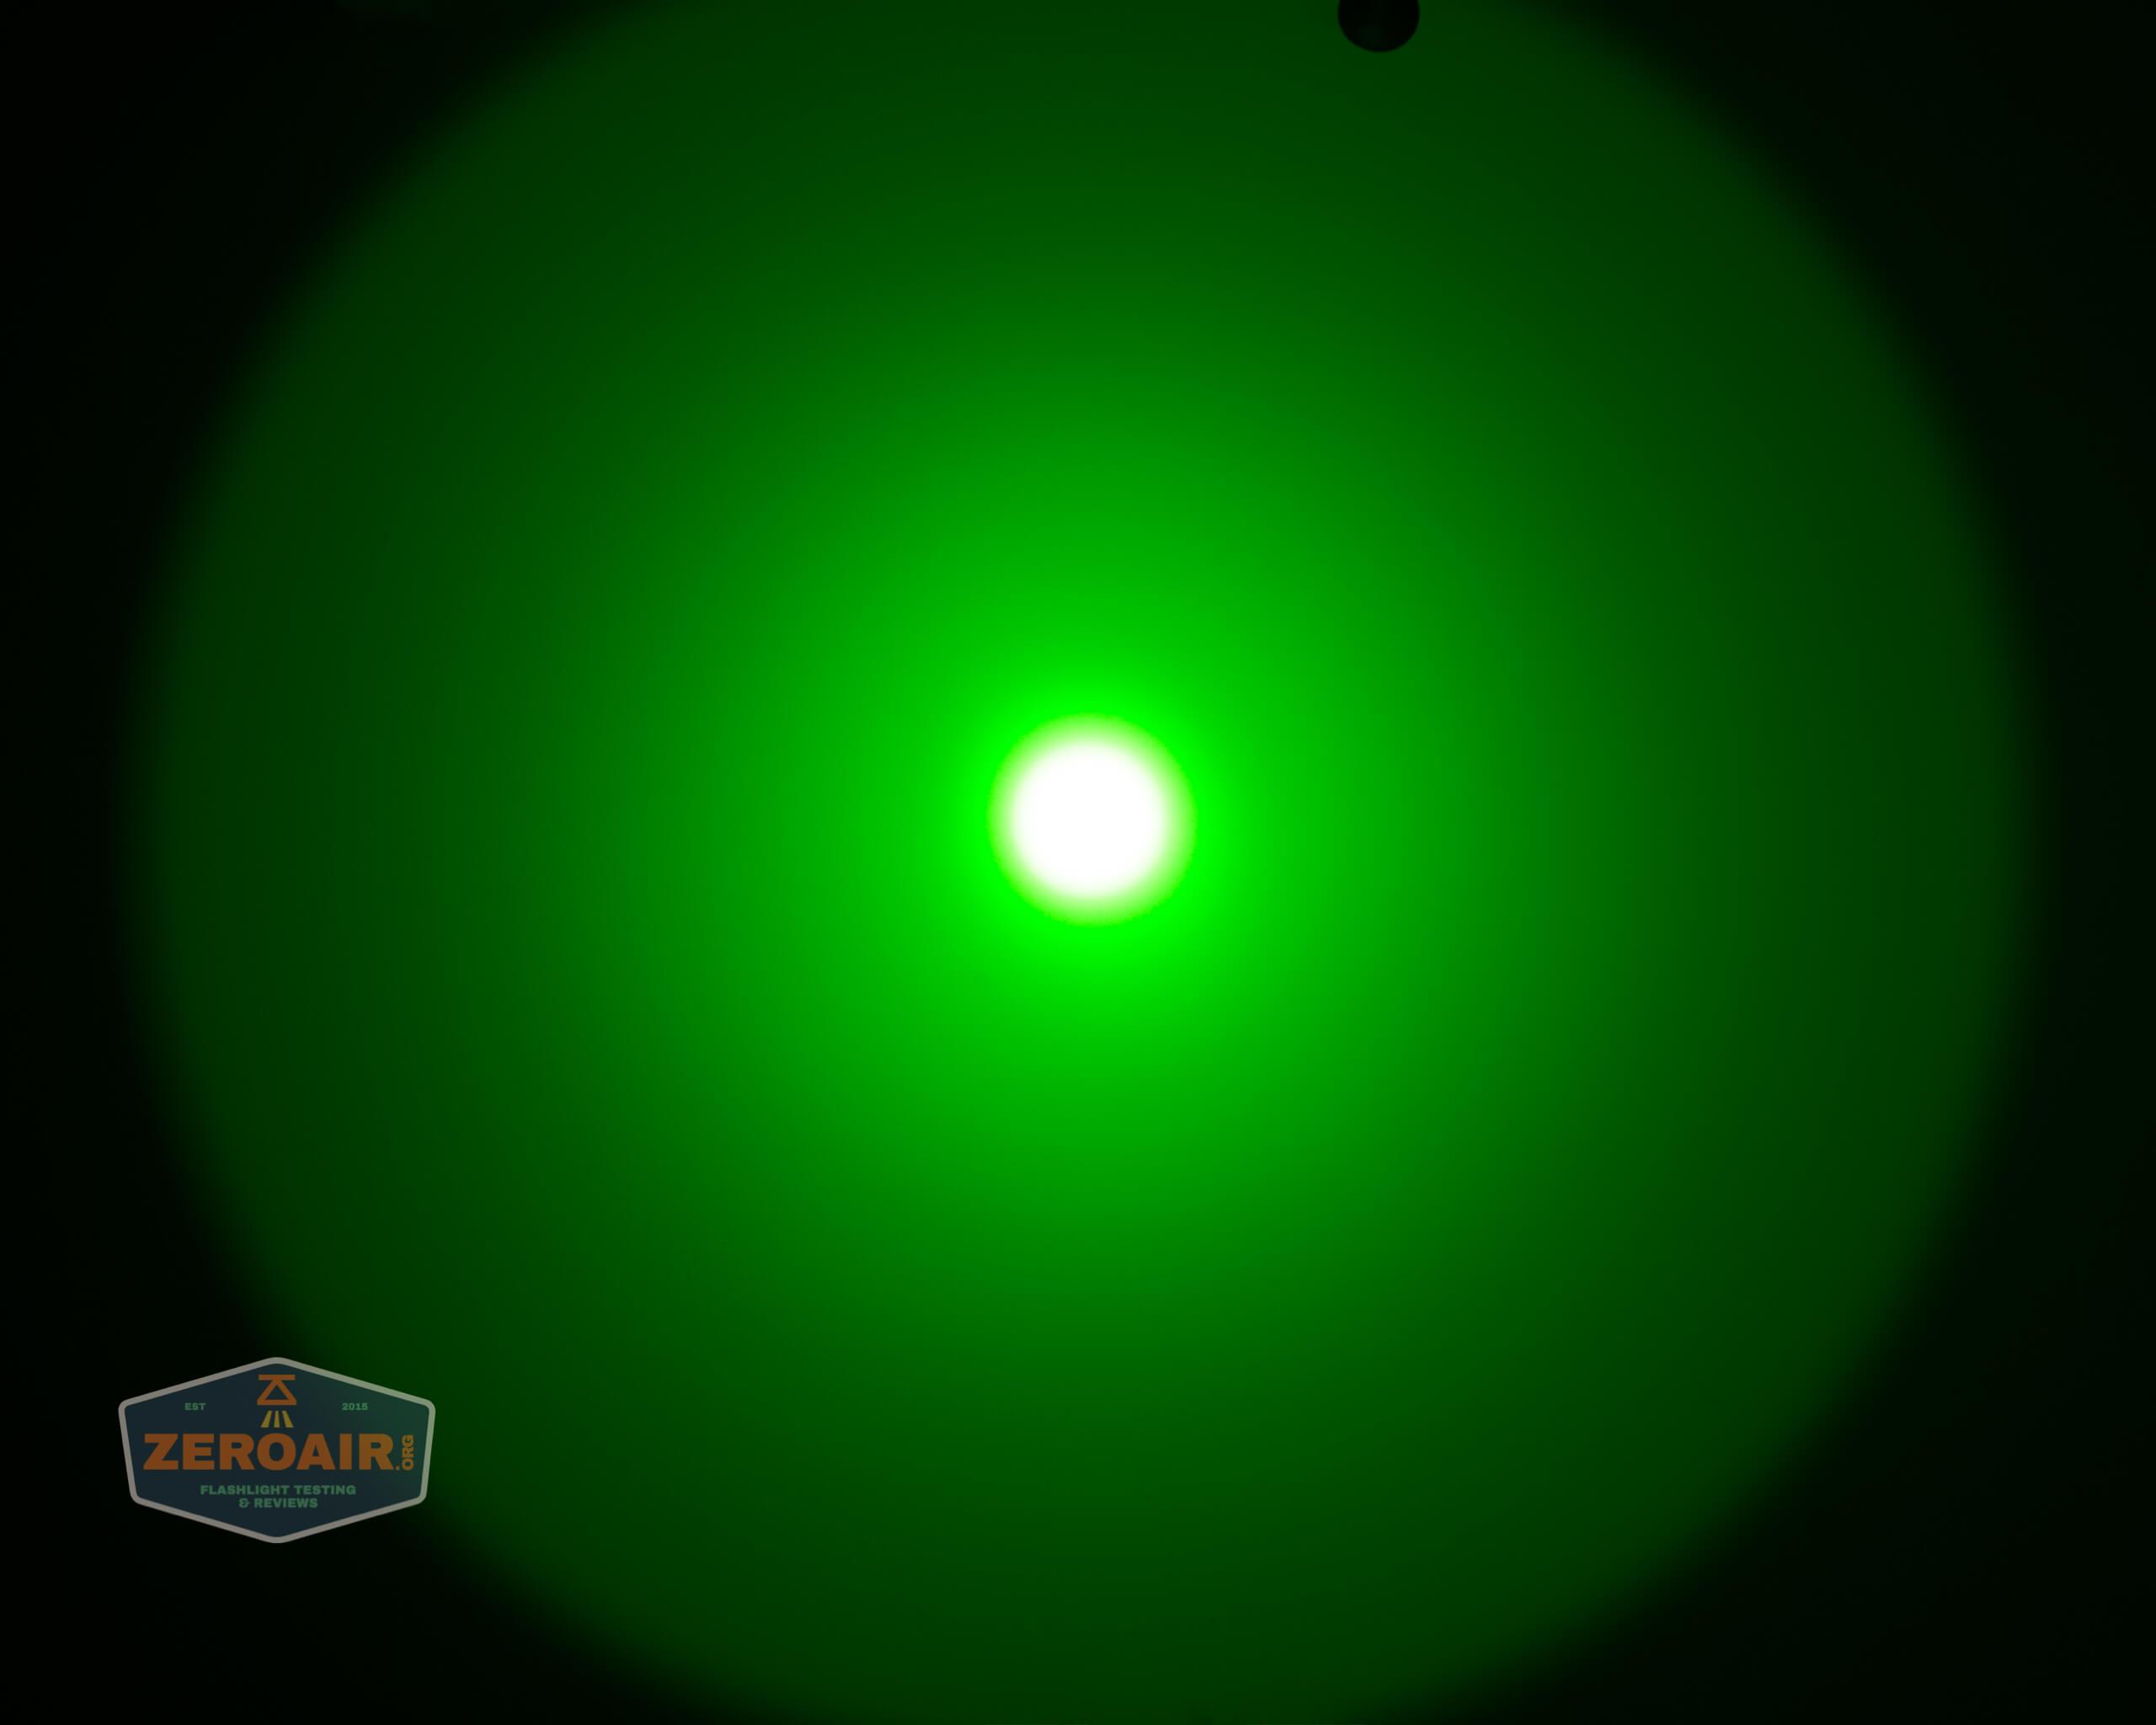 cyansky h5 green beamshot ceiling 4